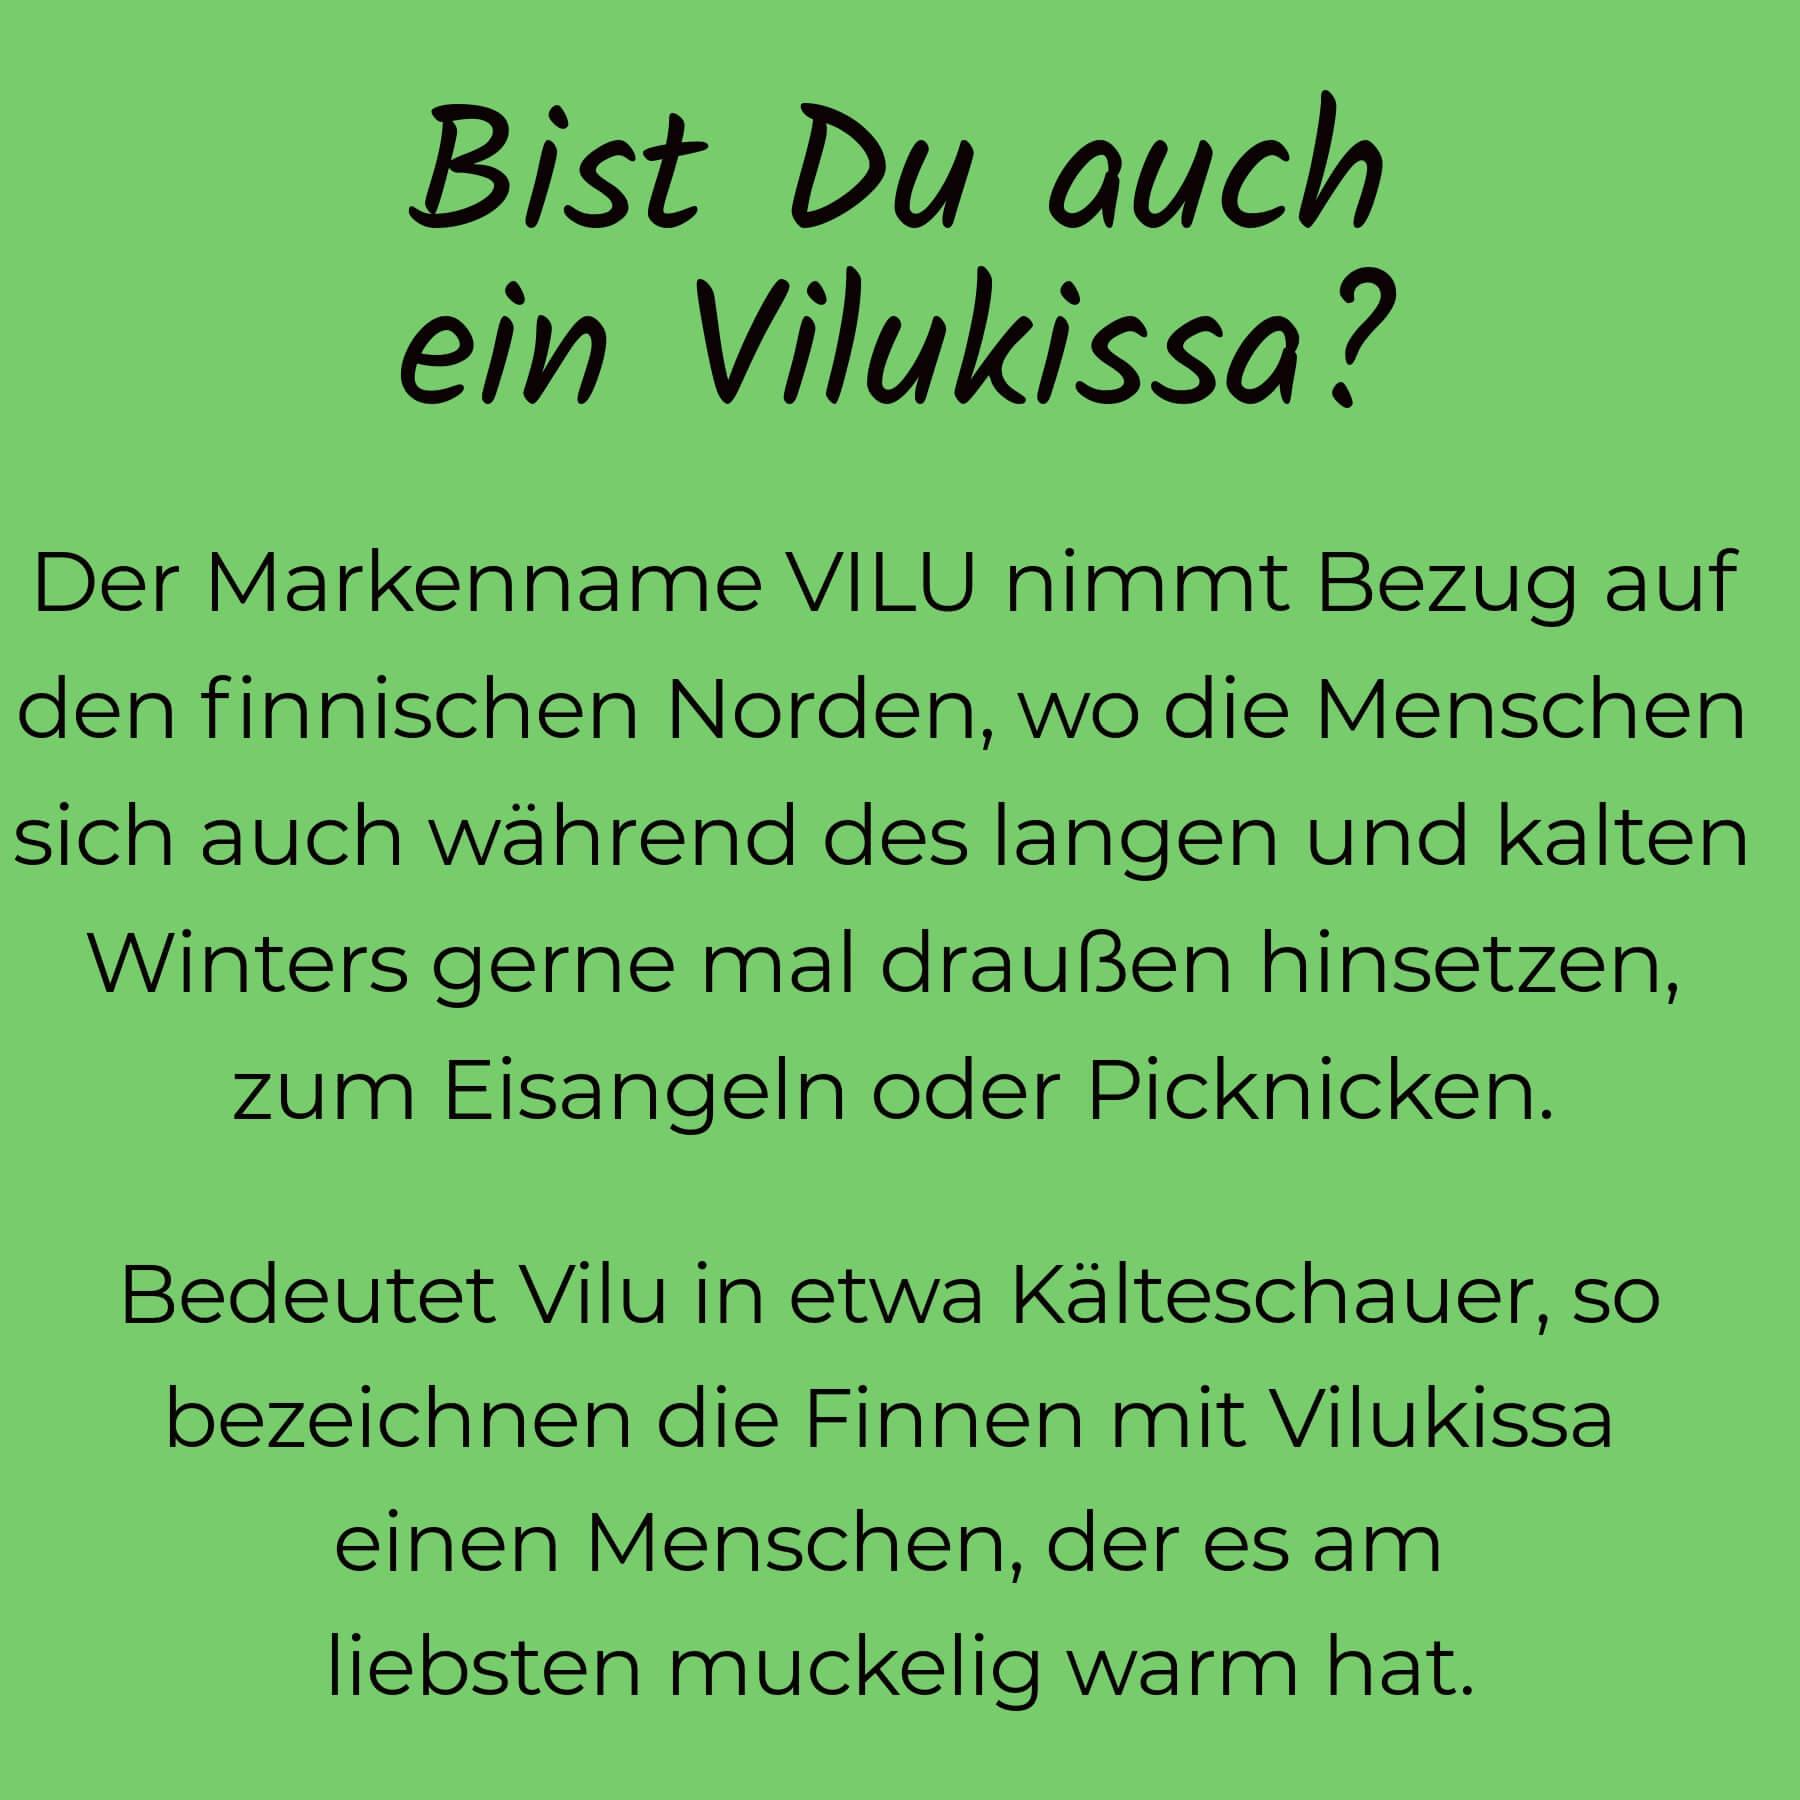 """Text auf grünem Untergrund: """"Bist Du auch ein Vilukissa? Der Markenname VILU nimmt Bezug auf den finnischen Norden, wo die Menschen sich auch während des langen und kalten winters gerne mal draußen hinsetzen, zum Eisangeln oder Picknicken. Bedeutet Vilu in etwa Kälteschauer, so bezeichnen die Finnen mit Vilukissa einen Menschen, des es am liebsten muckelig warm hat!"""